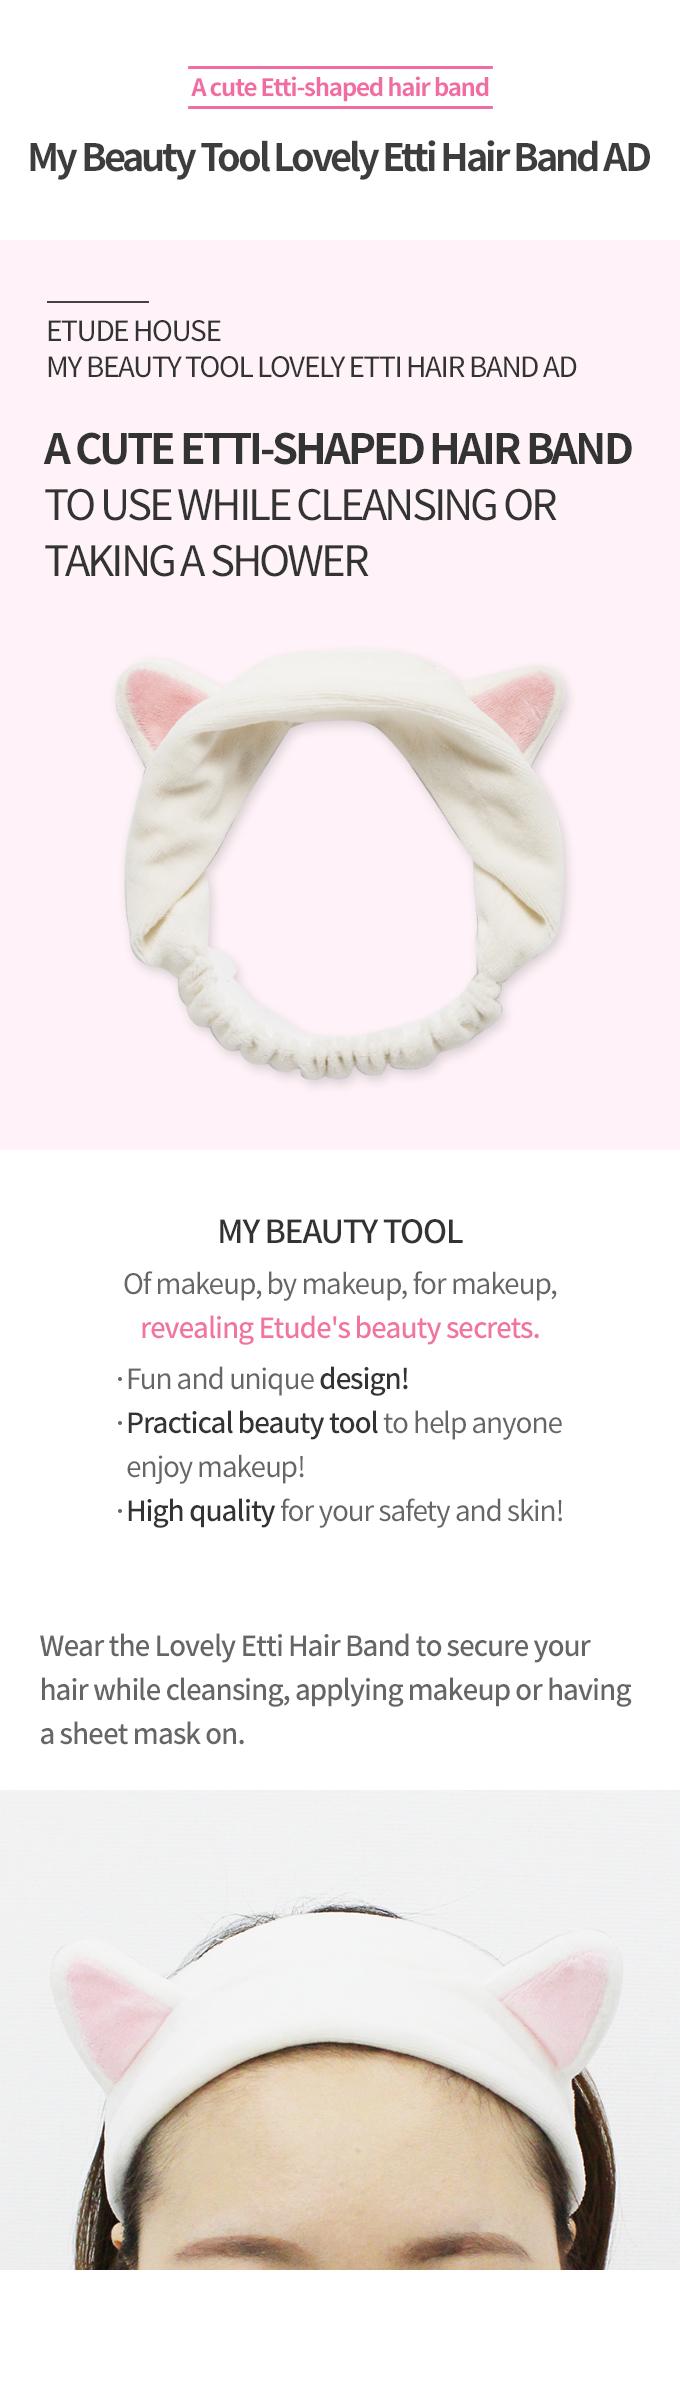 20190902-my-beauty-tool-lovely-etti-hair-band-des.jpg